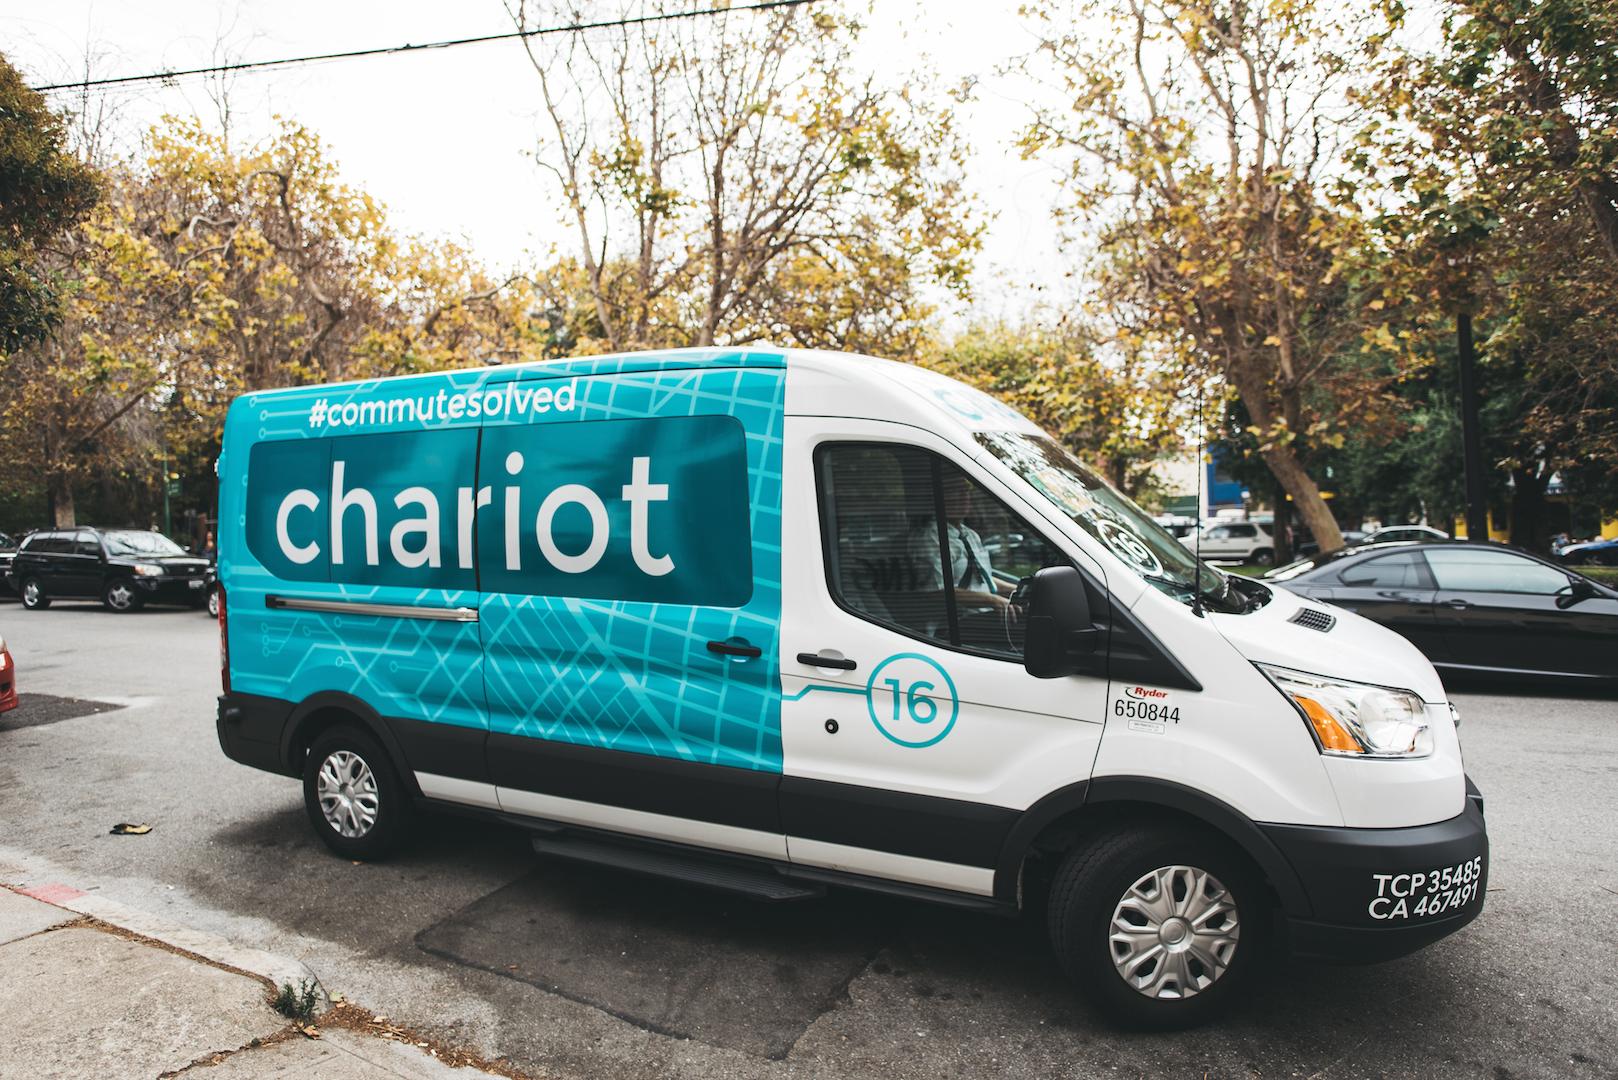 O Chariot é um exemplo a ser seguido.